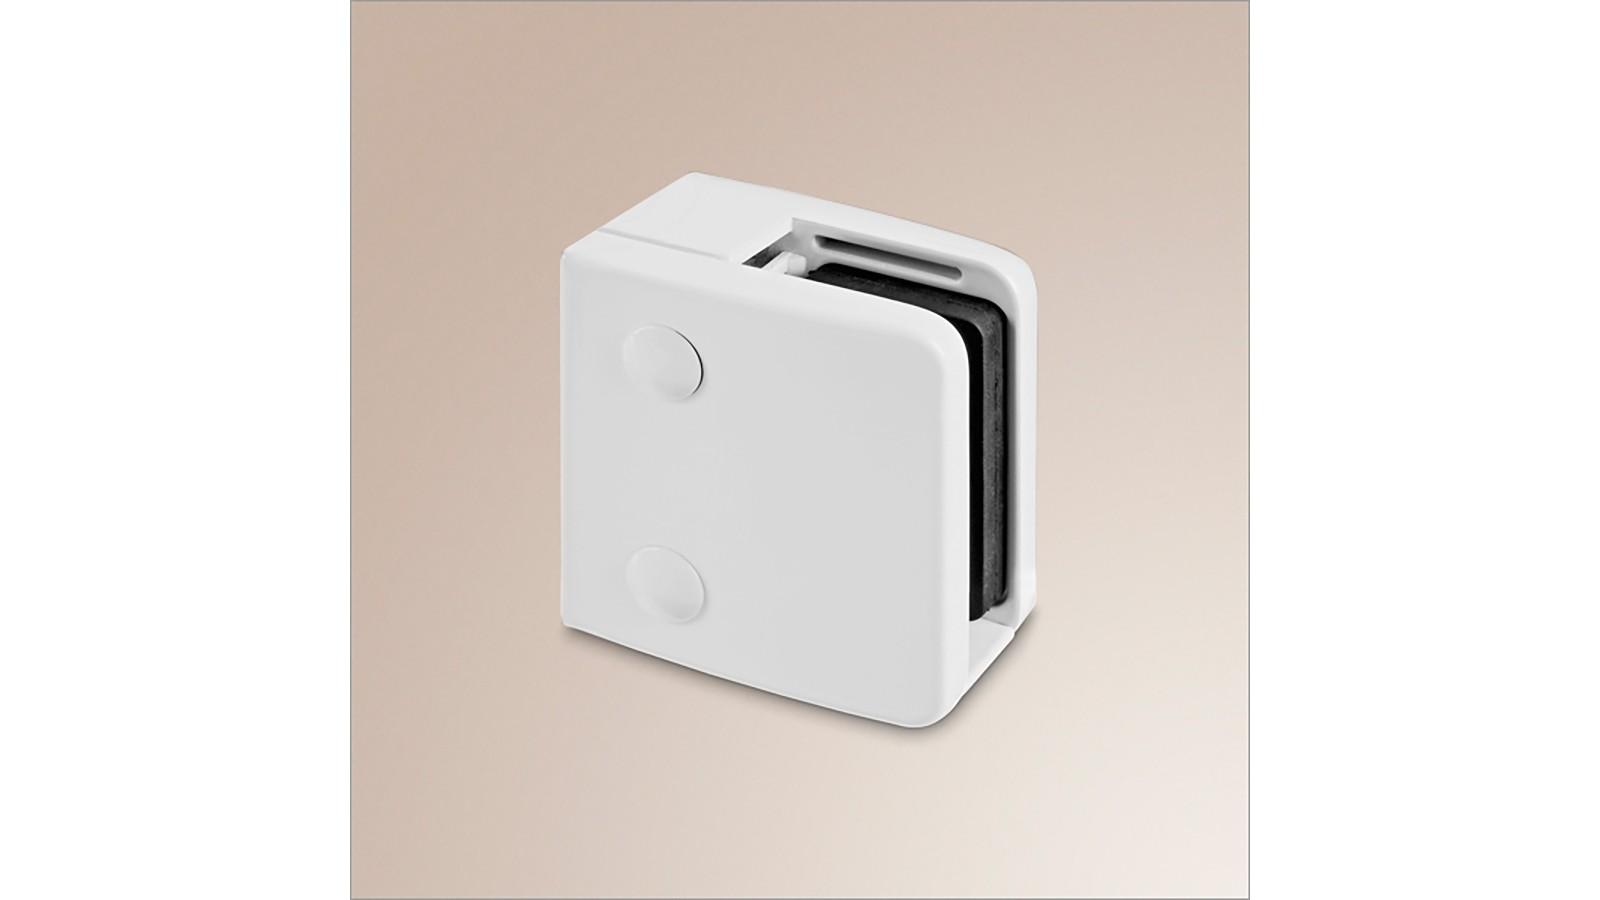 or4002 glashalter 55x70 mm ohne gummeinlage flach zinkdruckgu indoor ral 9016 wei. Black Bedroom Furniture Sets. Home Design Ideas